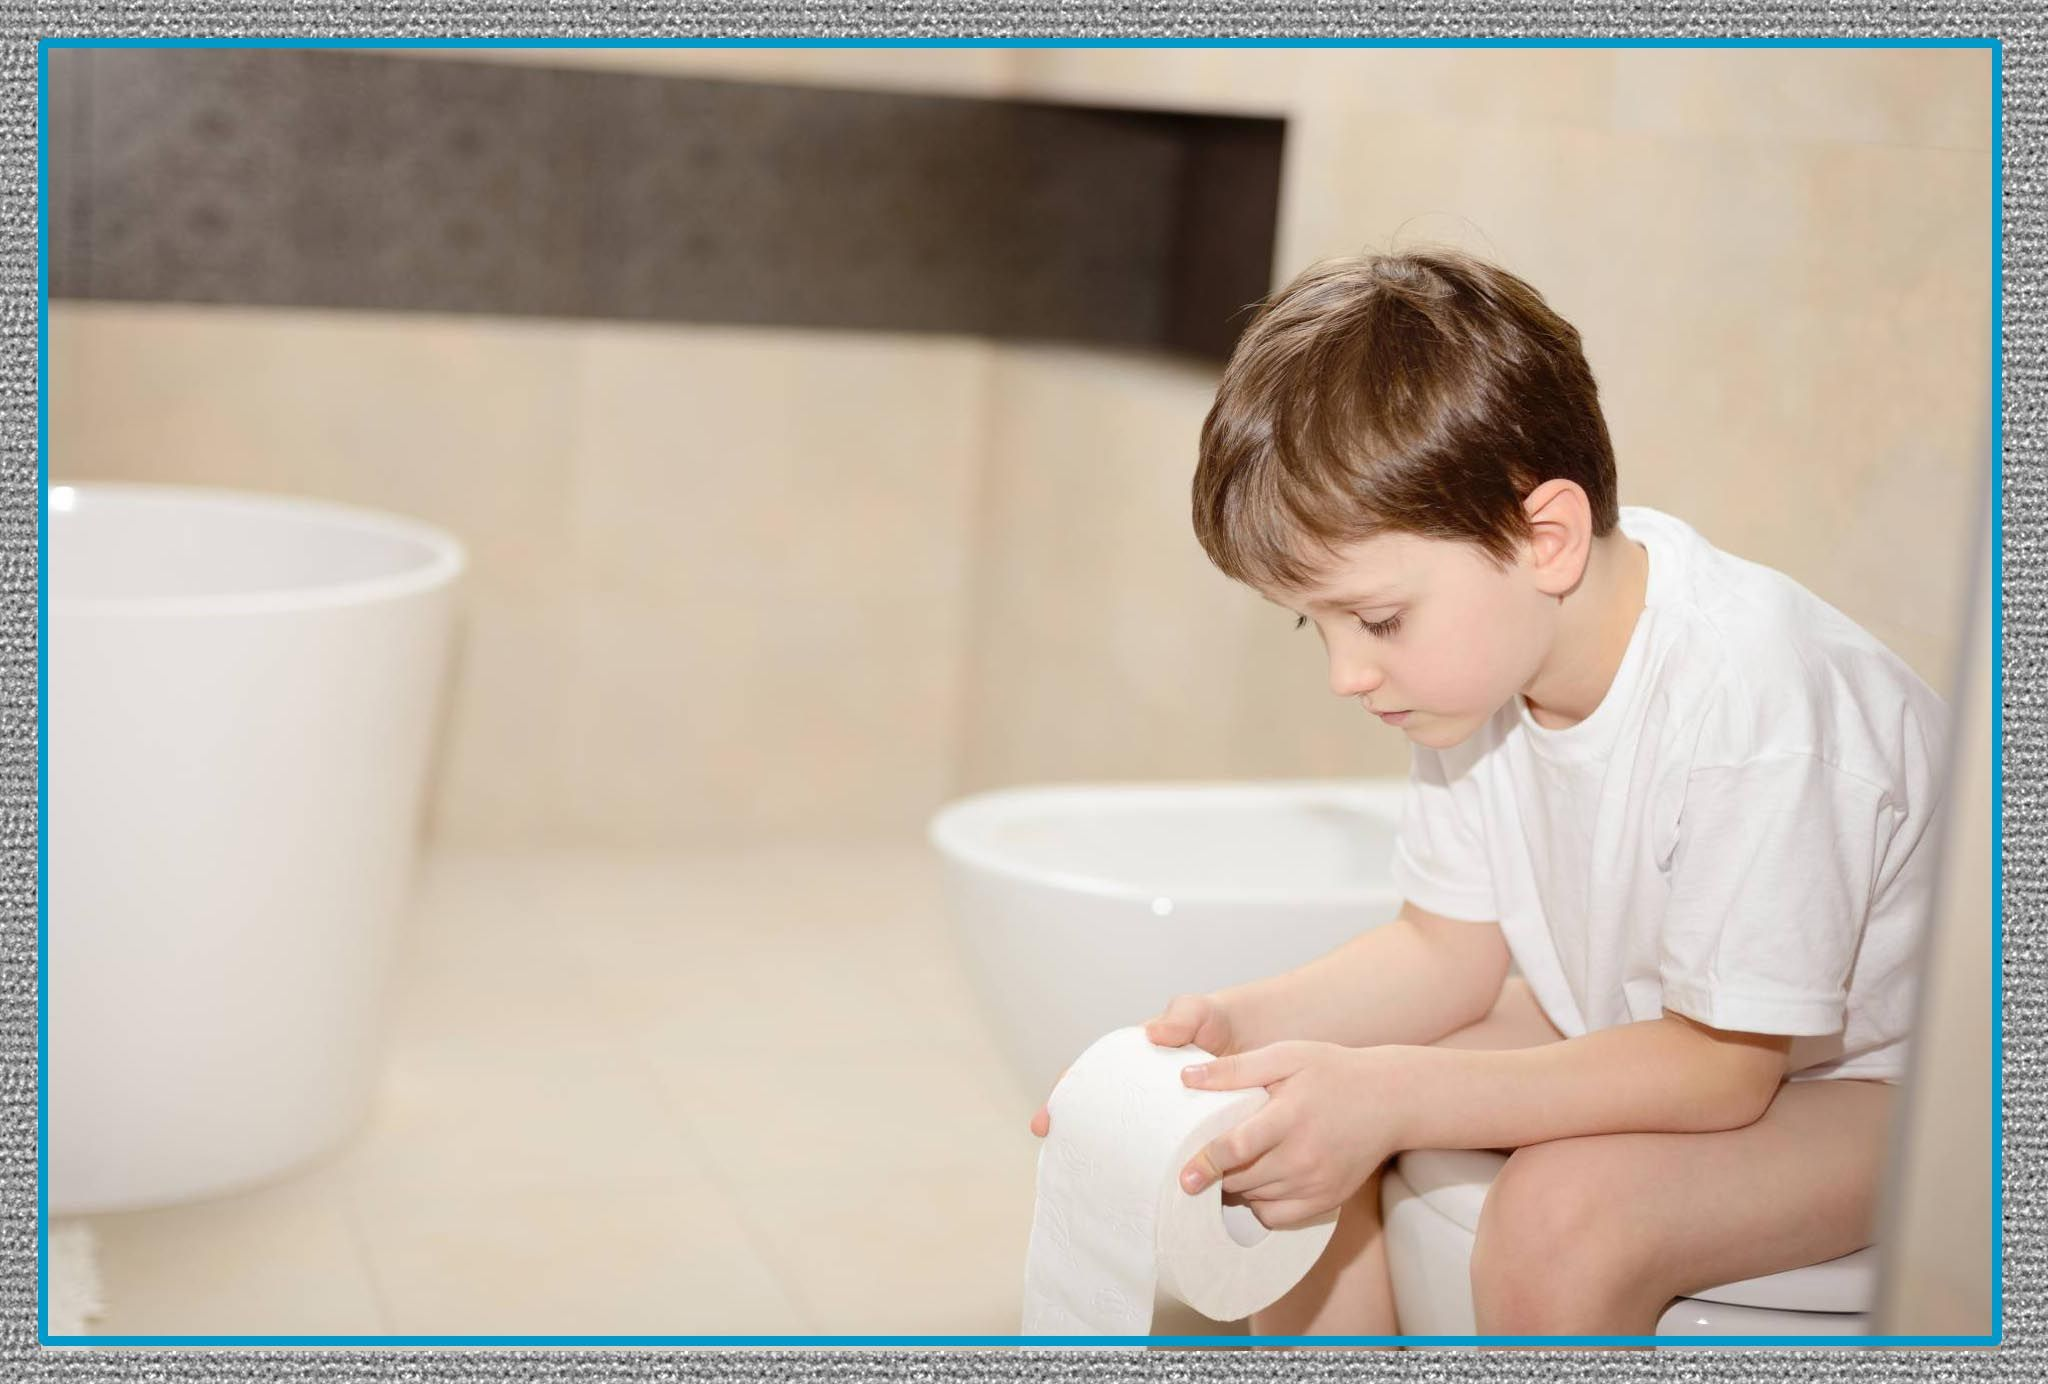 medicina para niños y bebes con diarrea